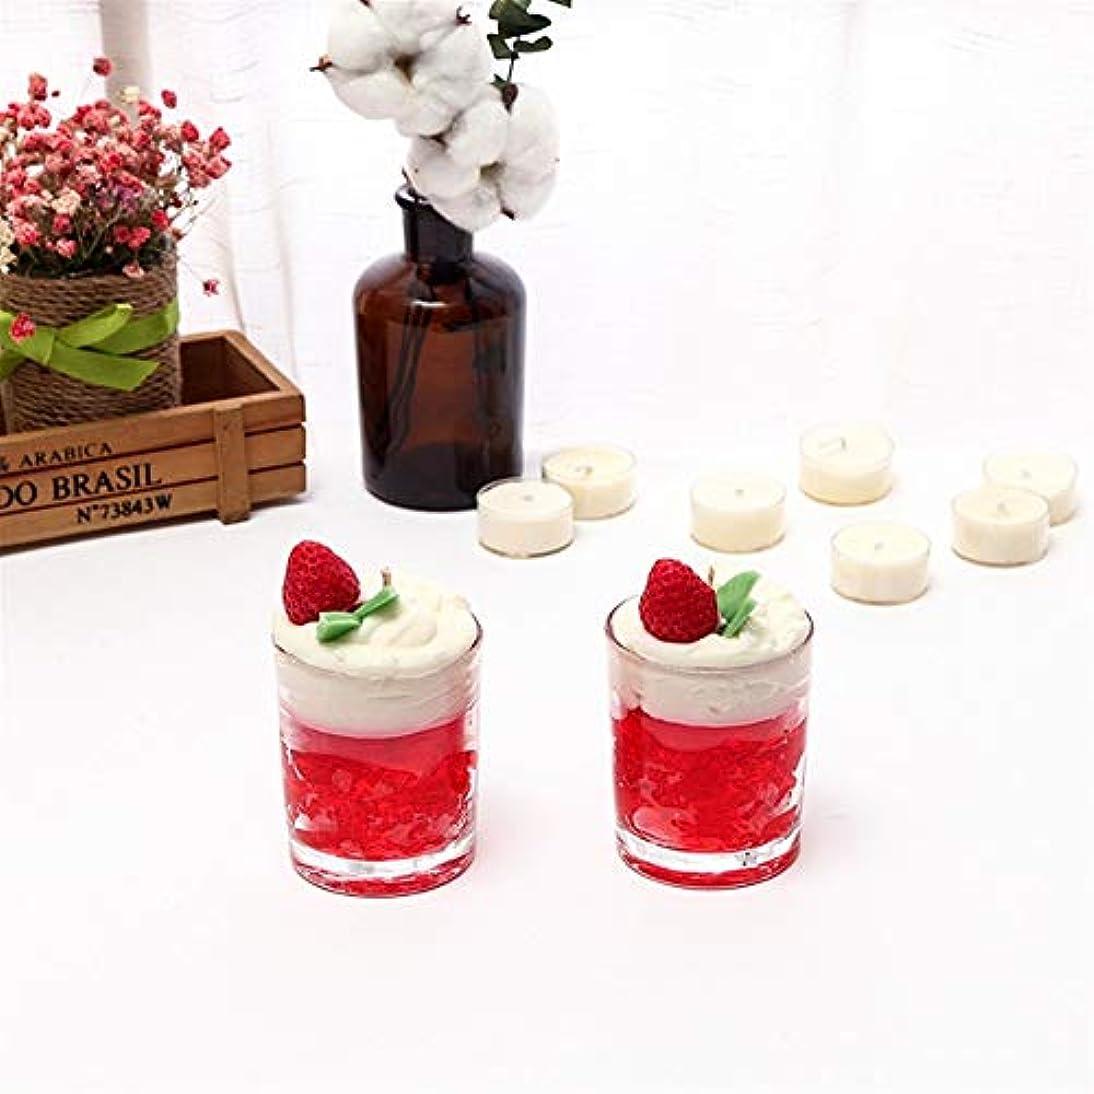 不倫安価なZtian アイスクリームキャンドルシンプルなガラス瓶アロマセラピーガラスカップ無毒な環境保護 (色 : Marriage)